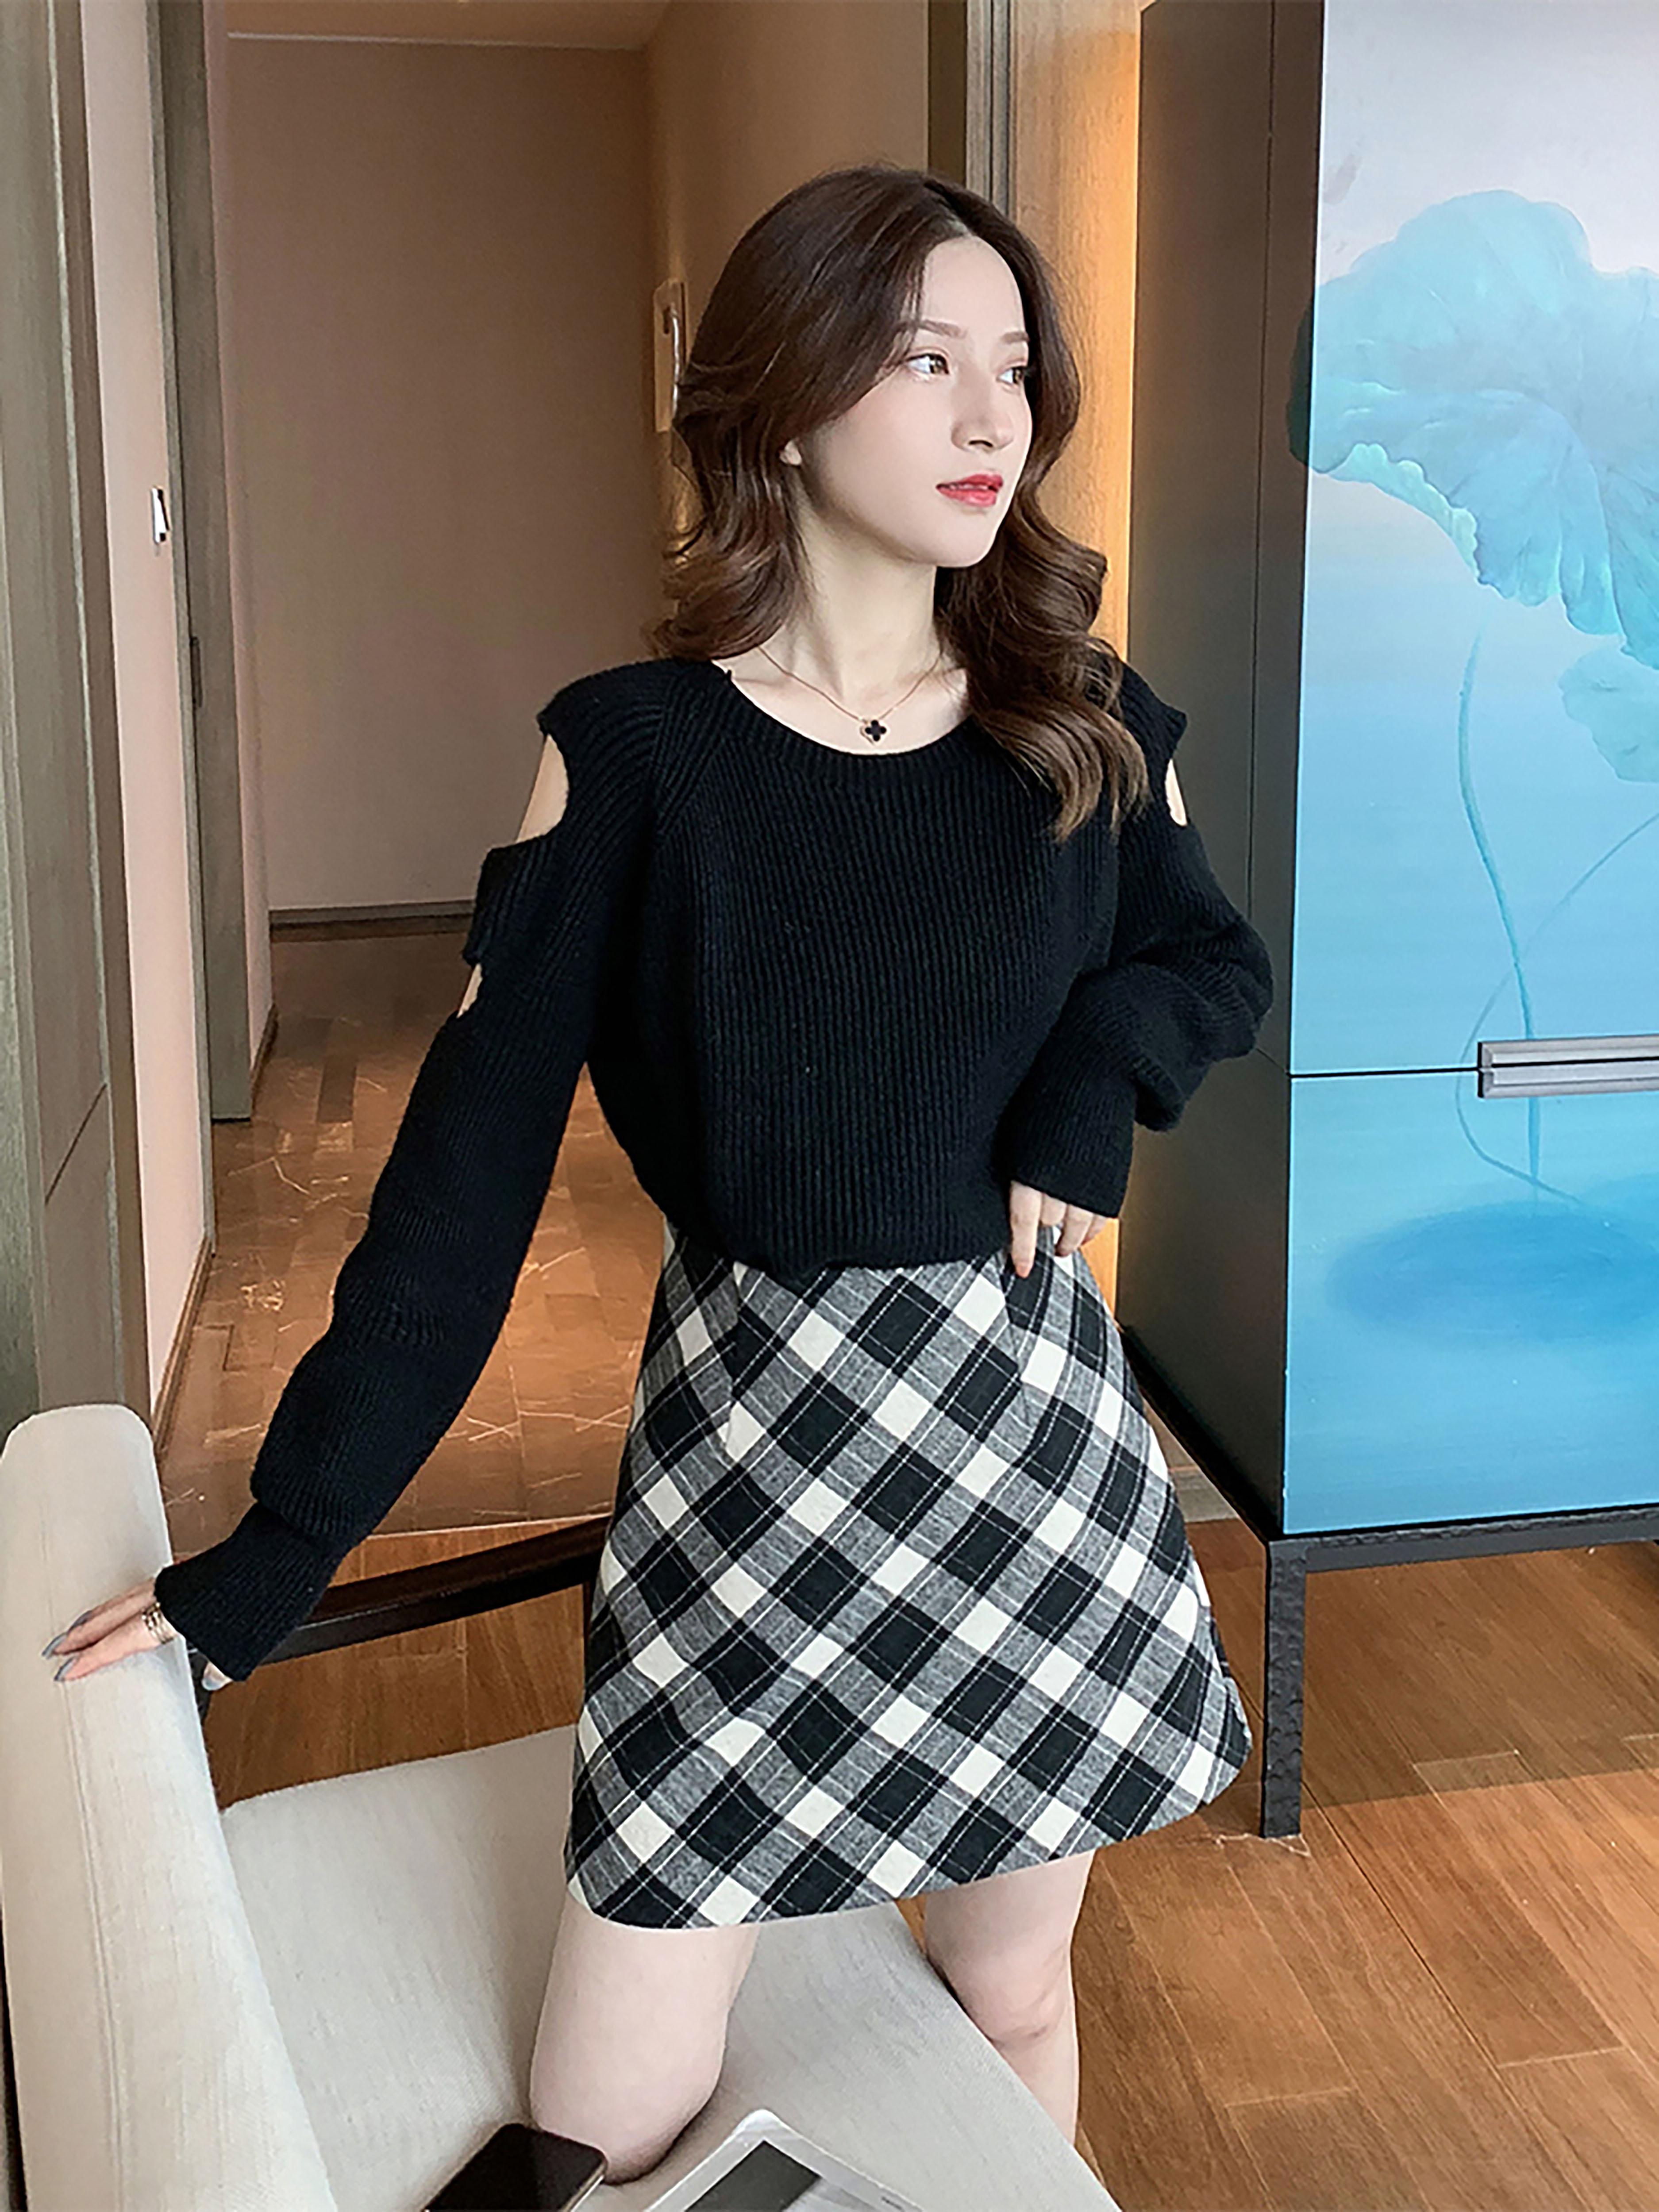 秋冬新款韩版黑色露肩长袖针织衫休闲百搭毛衣女神御姐范性感上衣